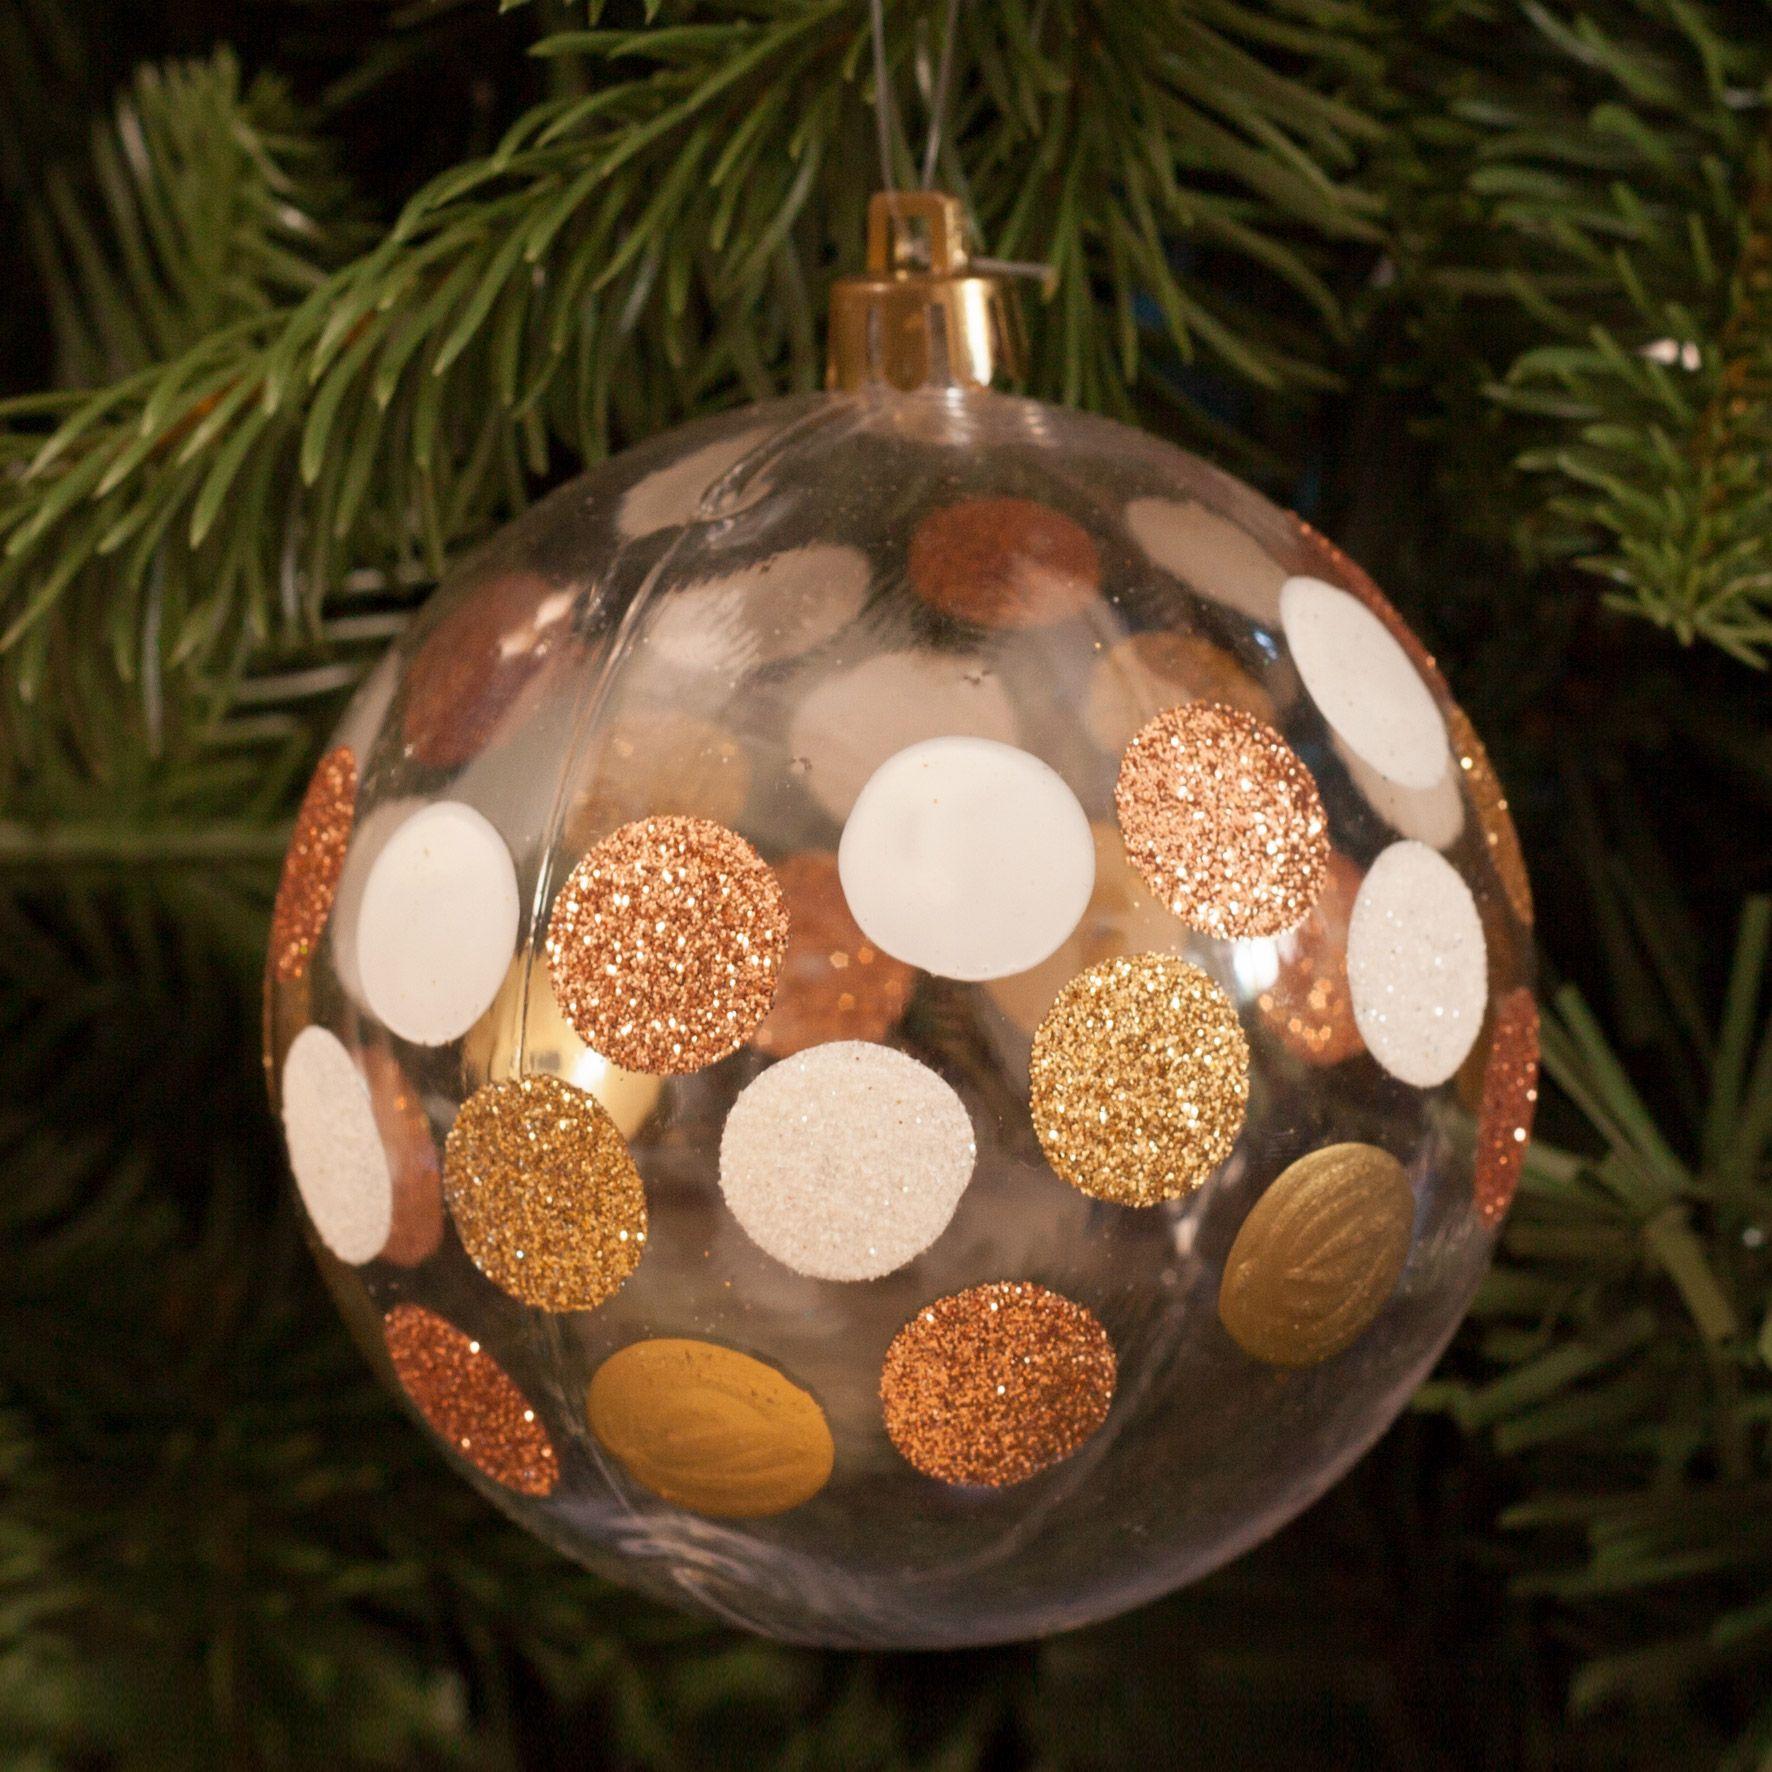 Idee Deco Boule Plastique Transparente Noel boule de noel en plastique transparent et pois cuivrés